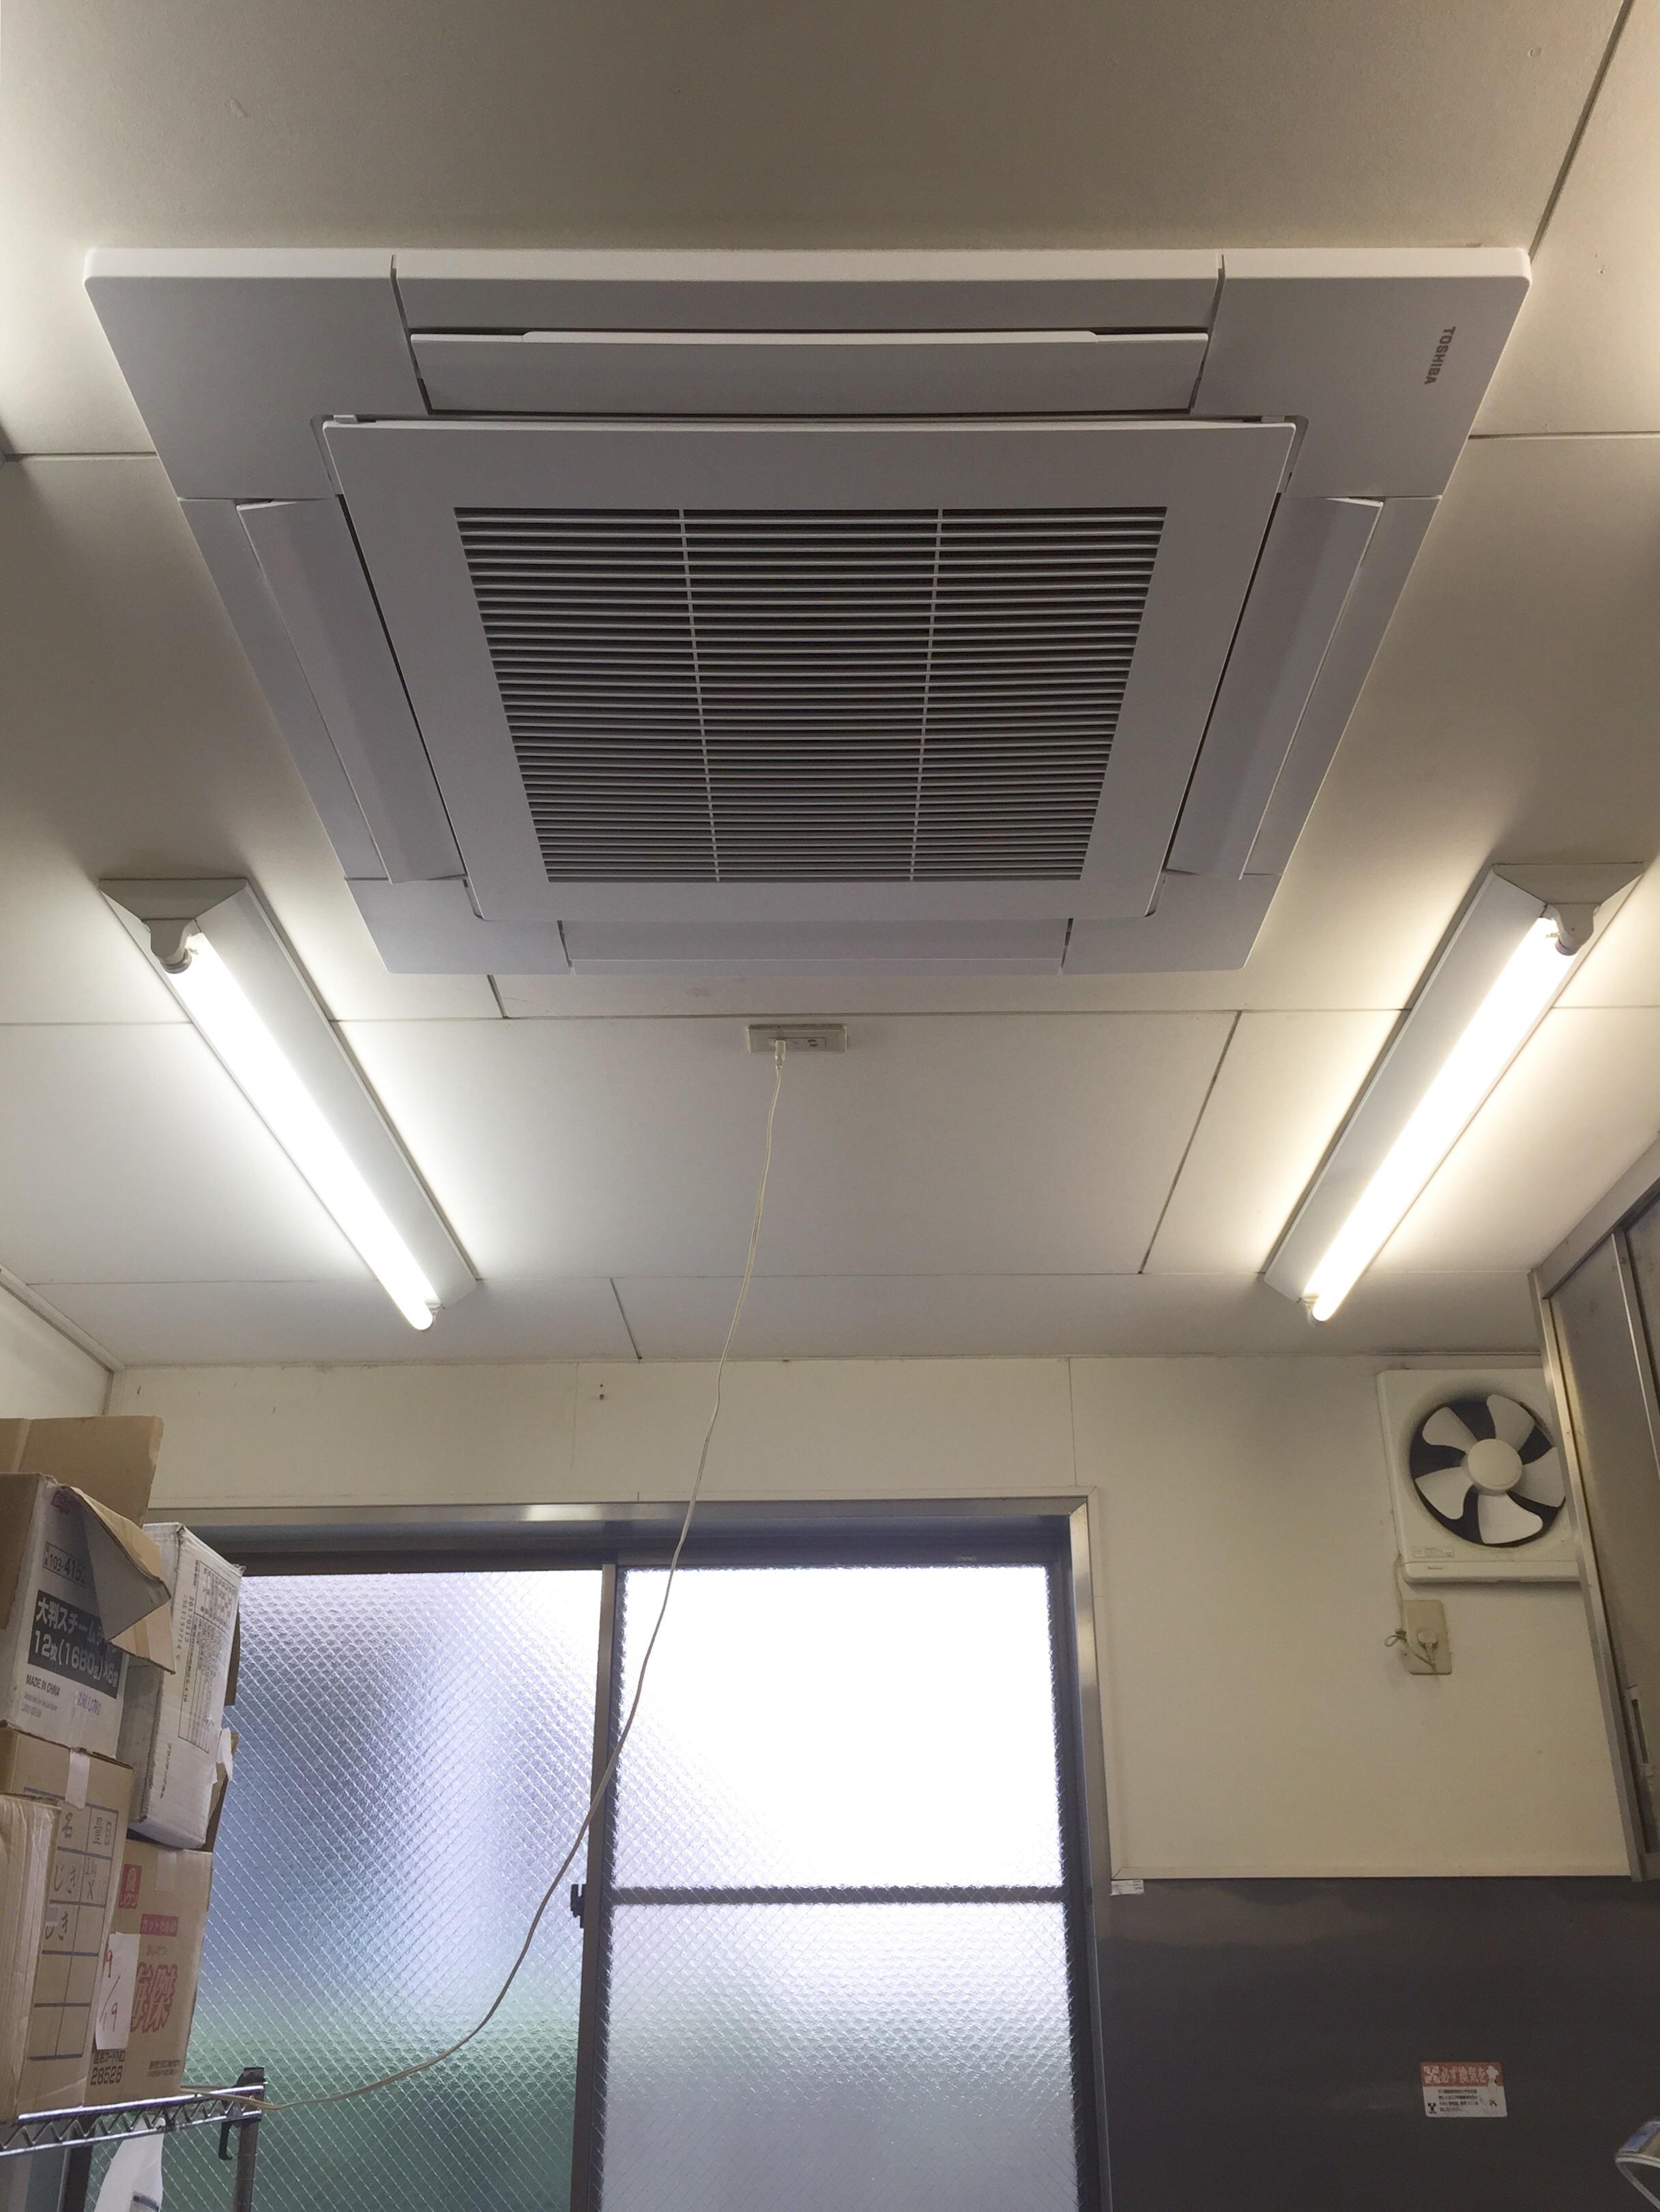 愛知県小牧市 | 業務用エアコン工事 | 27年9月20日